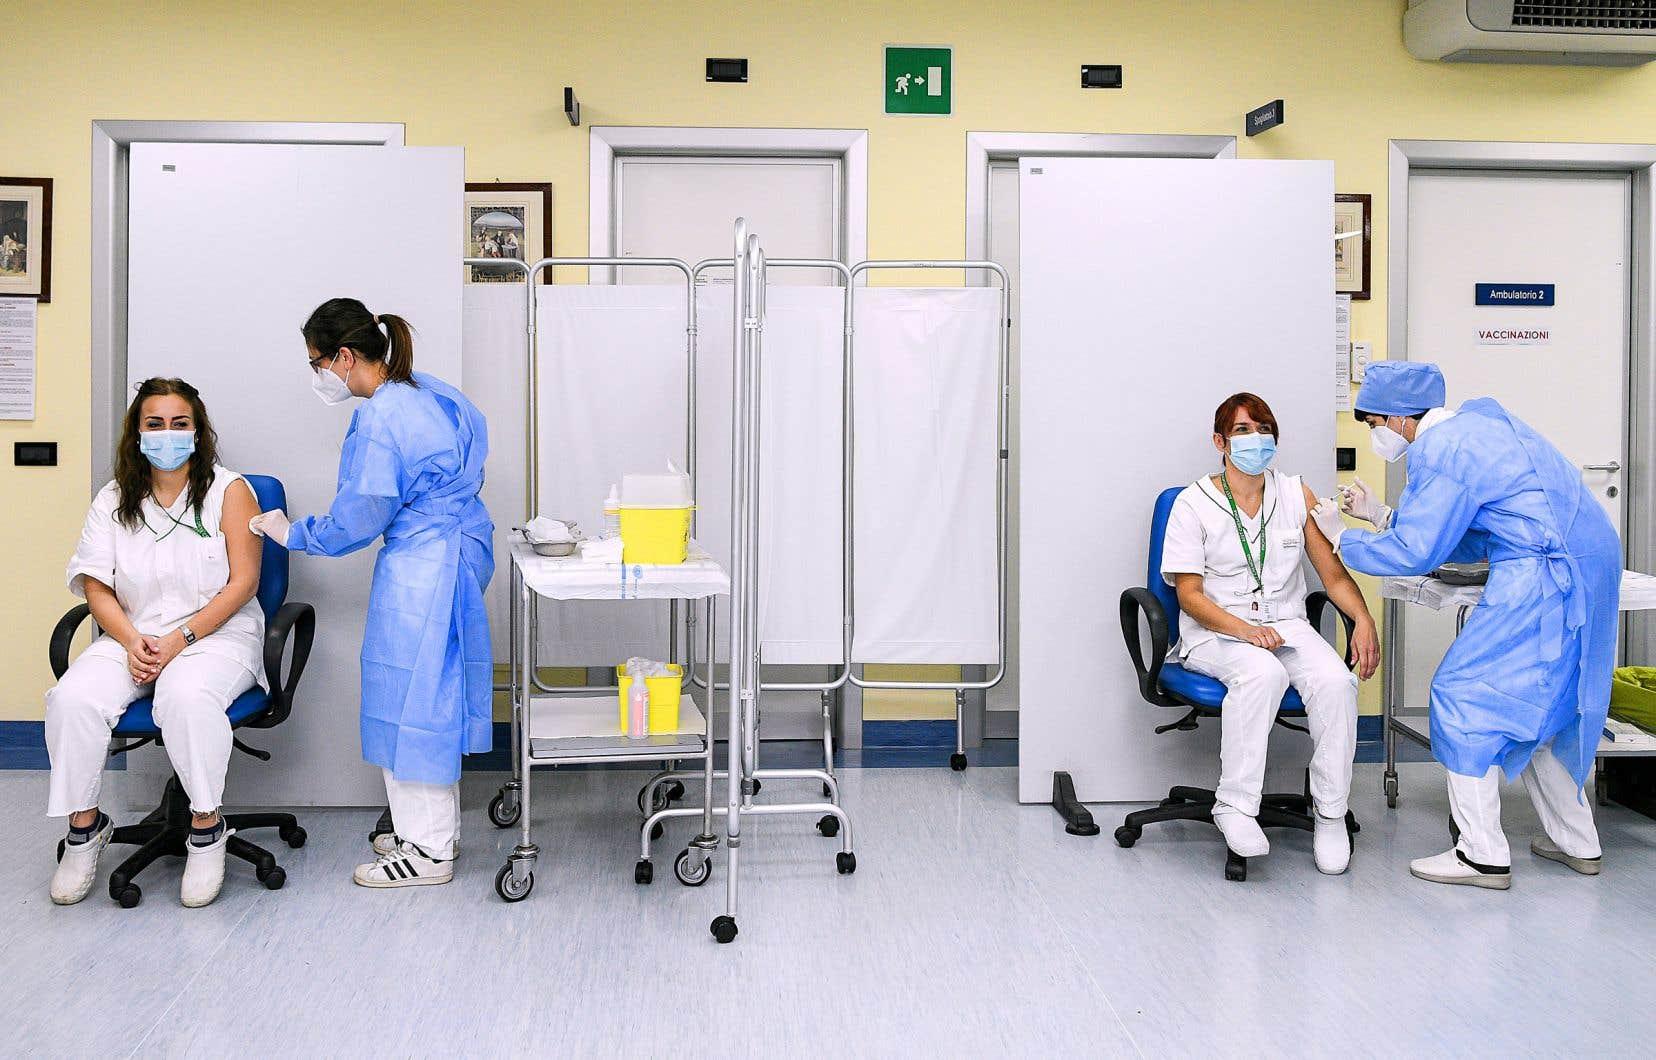 Livrées samedi, les premières doses du vaccin Pfizer-BioNtech ont été injectées en Italie peu avant 8h à des membres du personnel hospitalier.